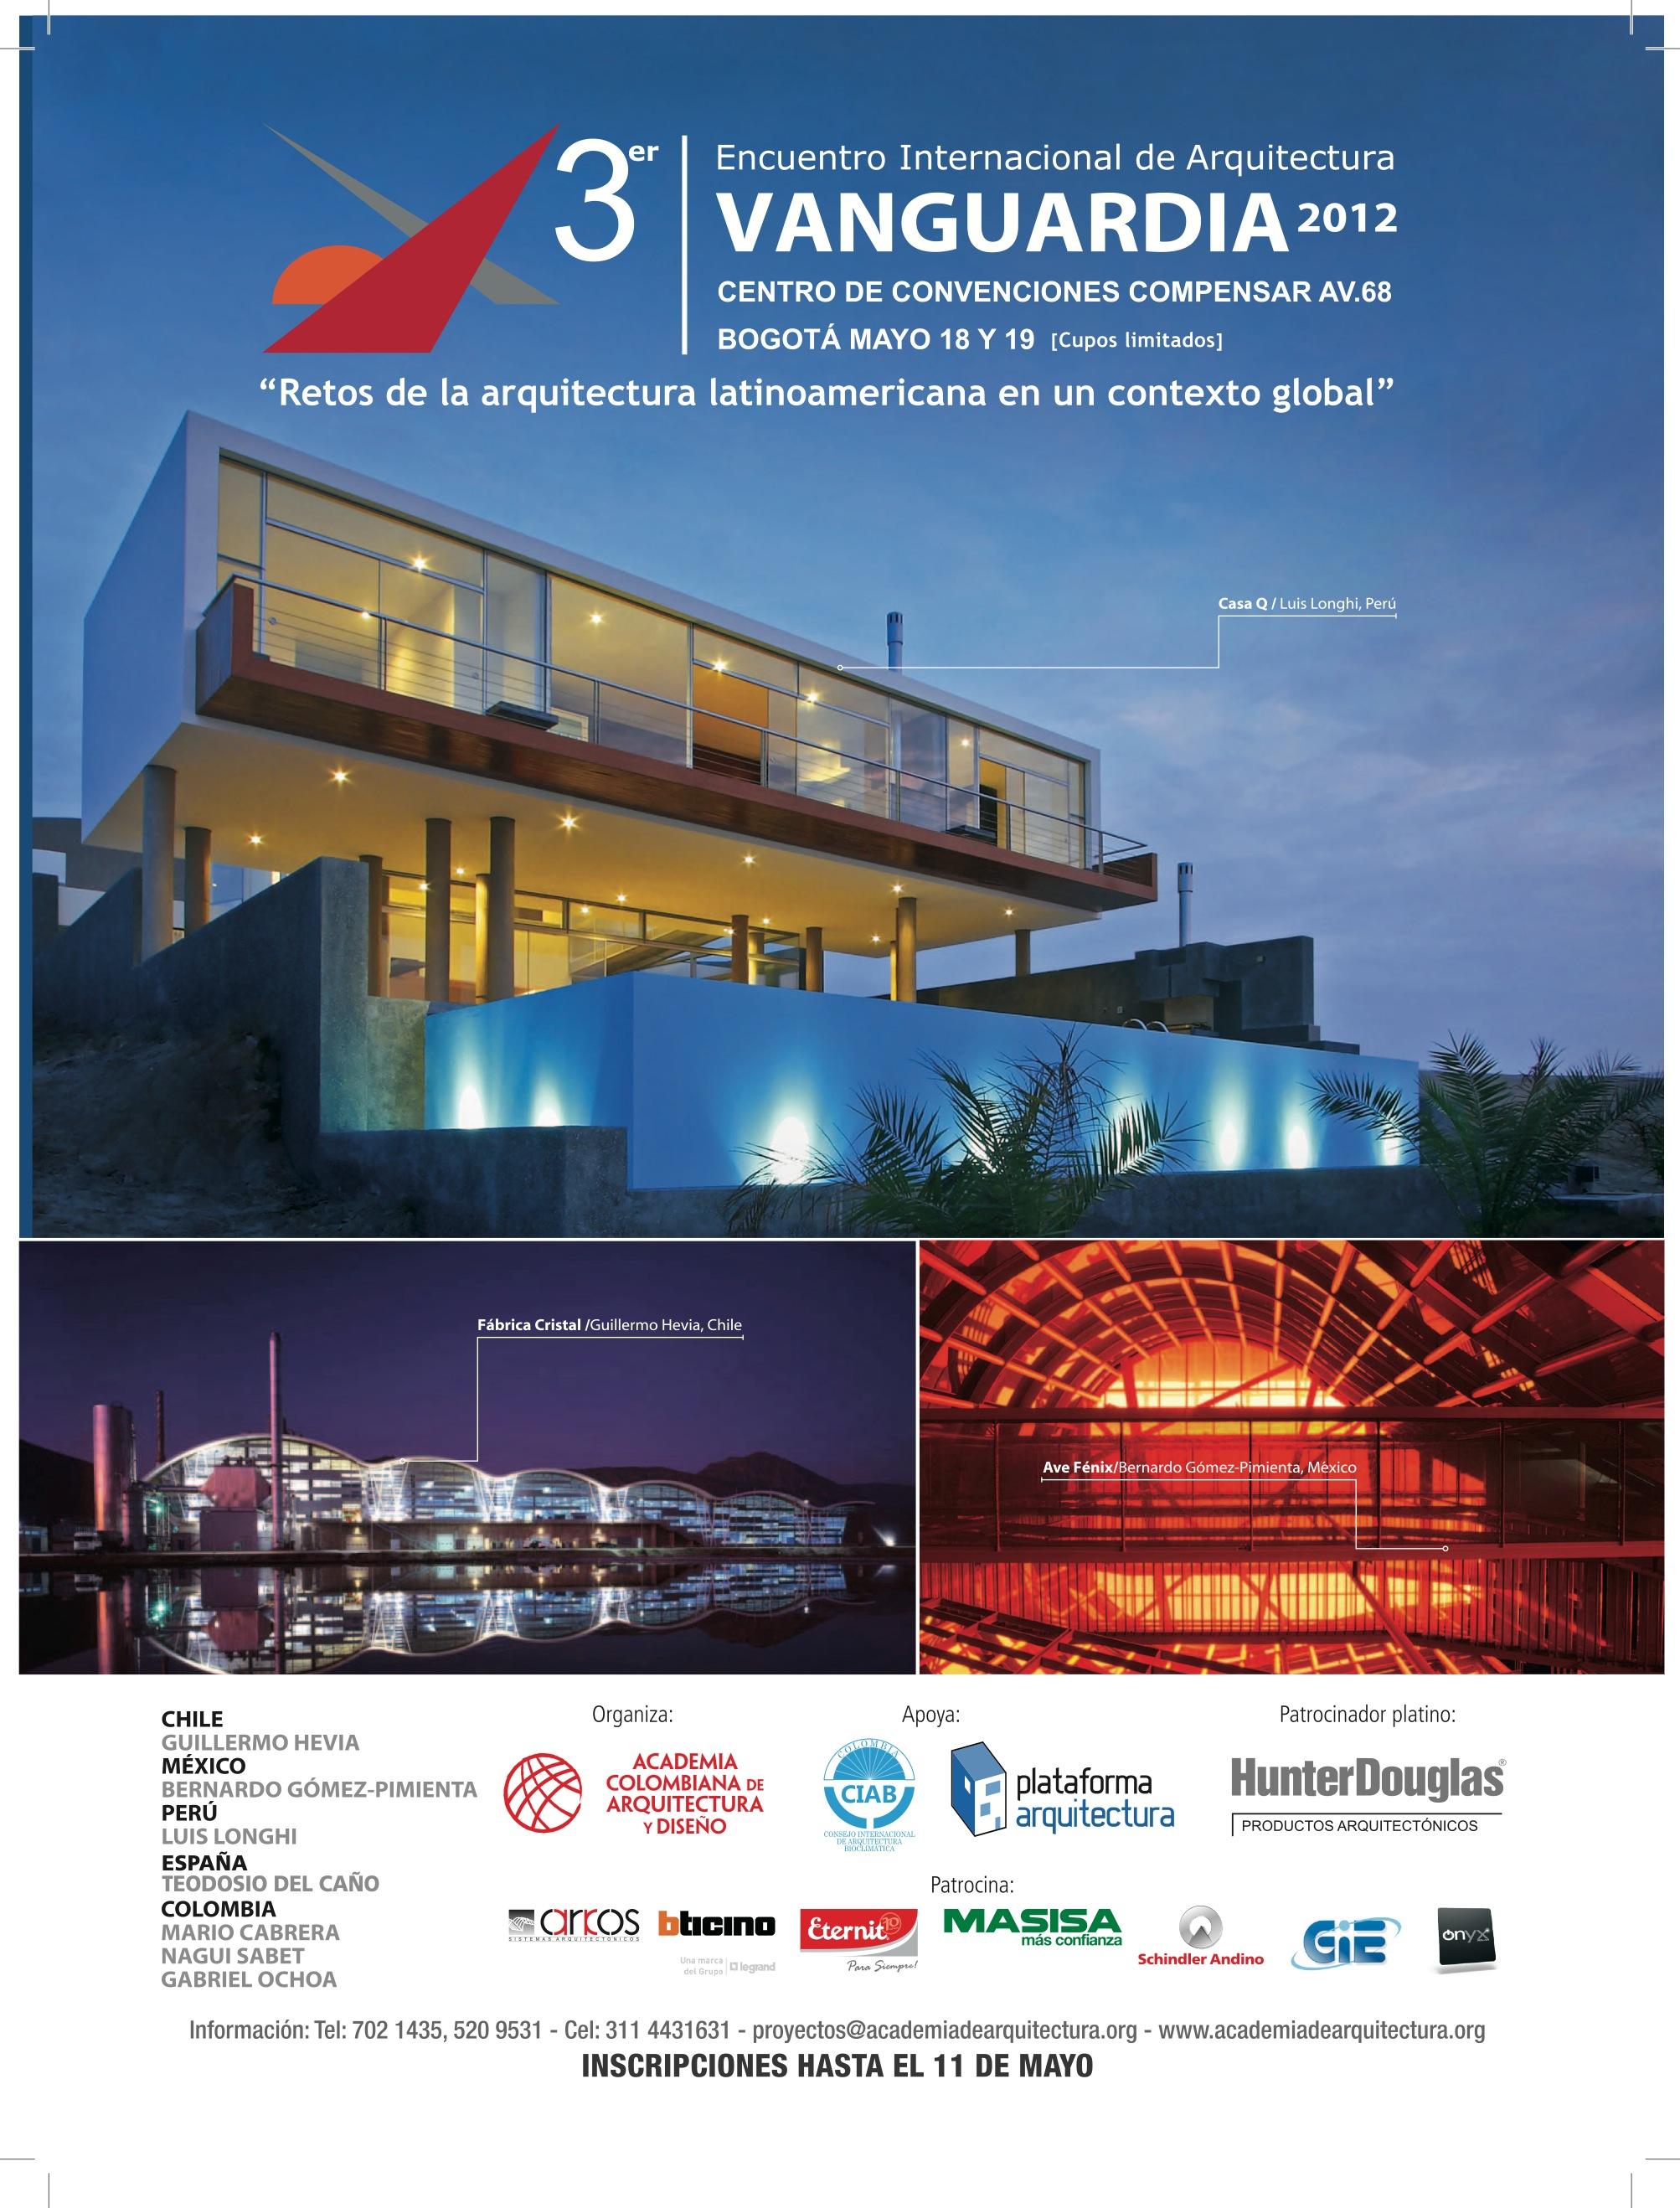 3º Encontro Internacional de Arquitetura Vanguardia 2012, Divulgação